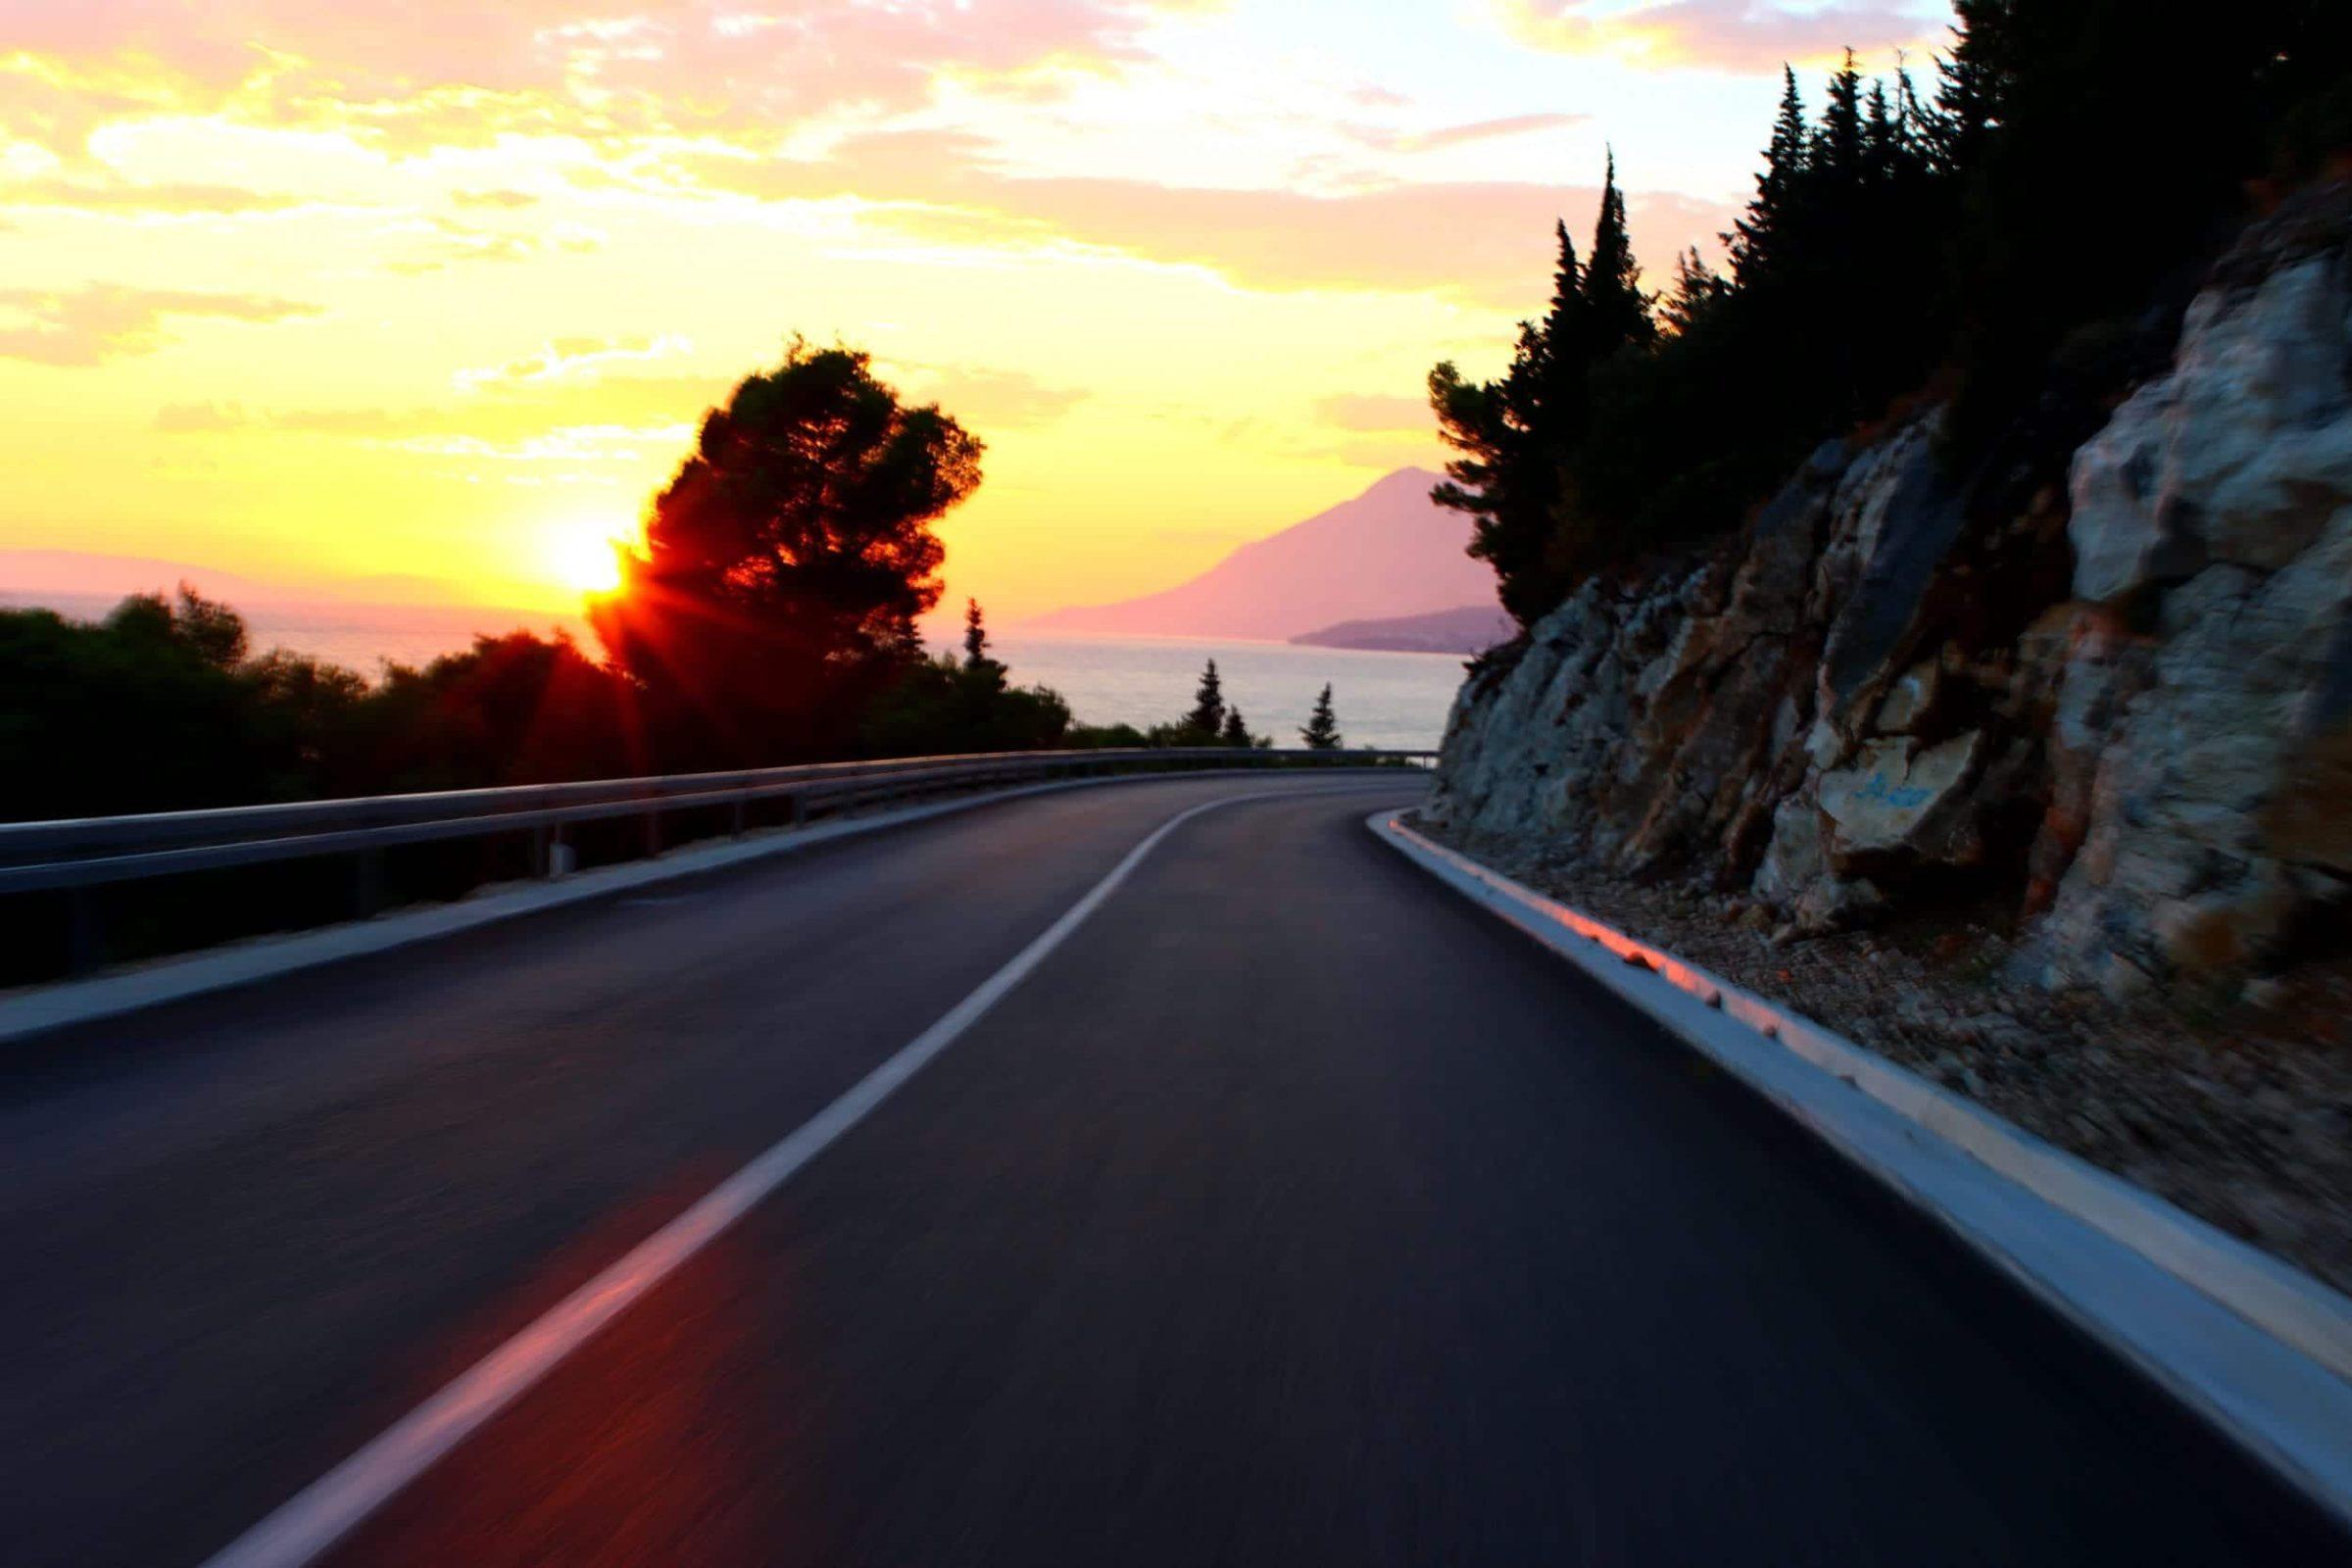 De prachtige D8 kustweg in Kroatië met zonsdondergang